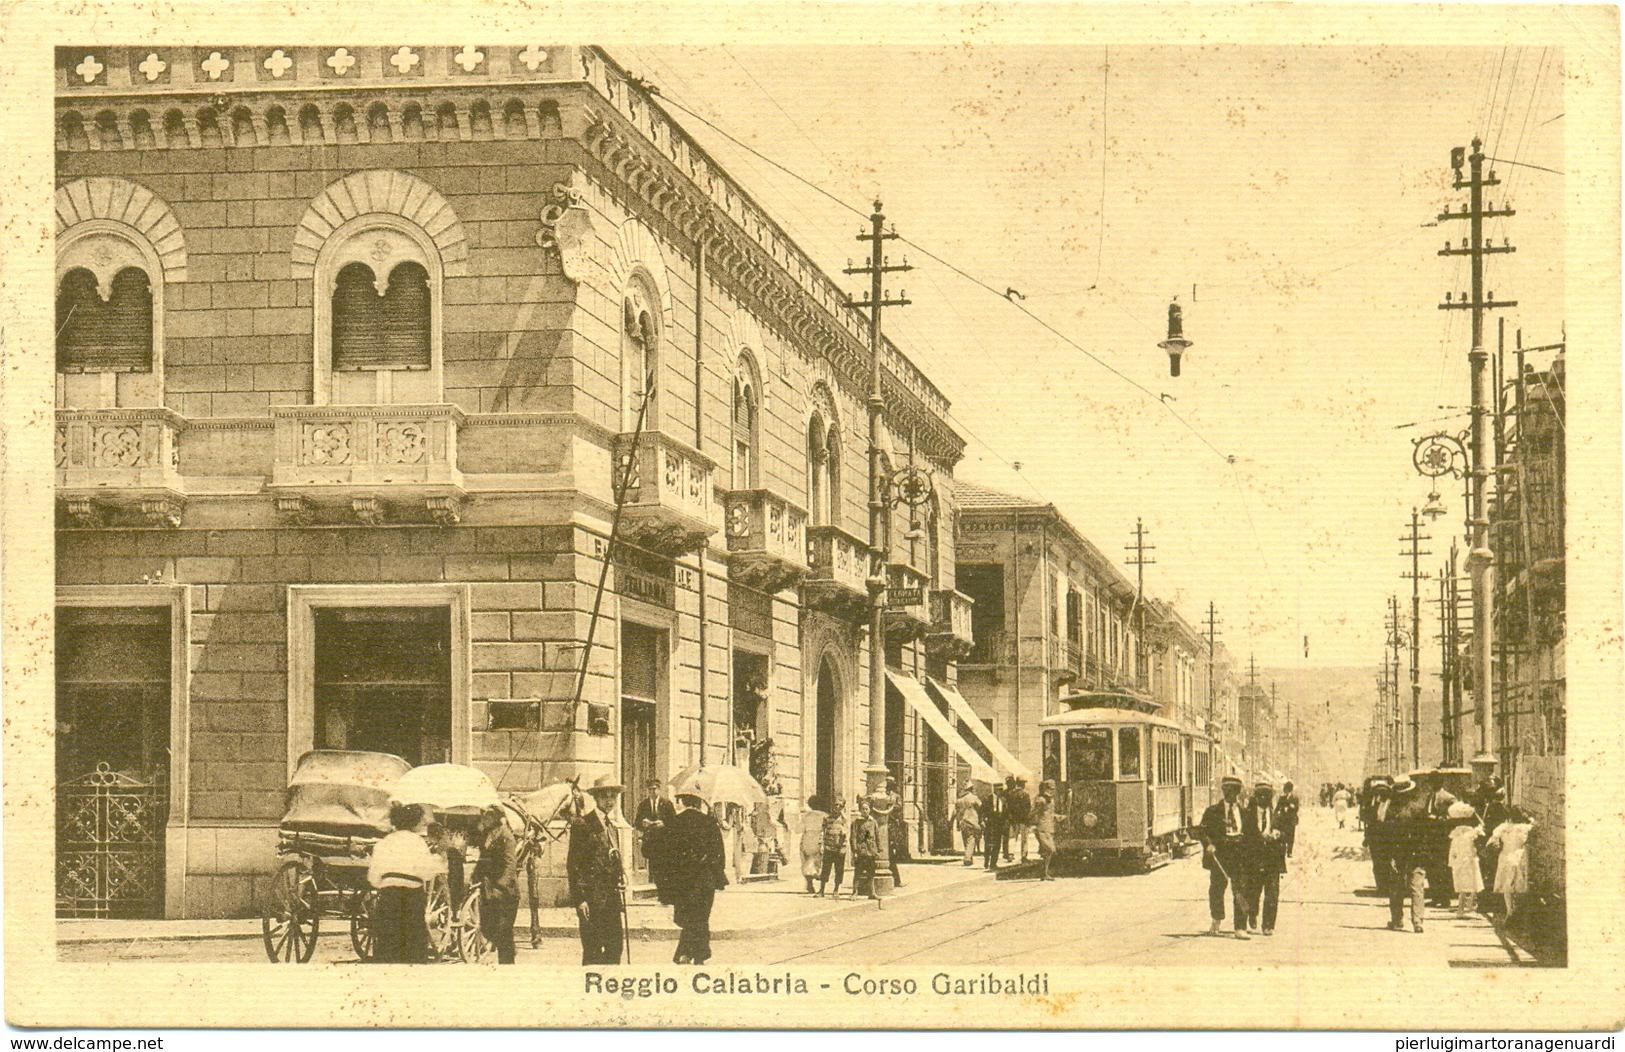 17820 - Reggio Calabria - Corso Garibaldi - Reggio Calabria